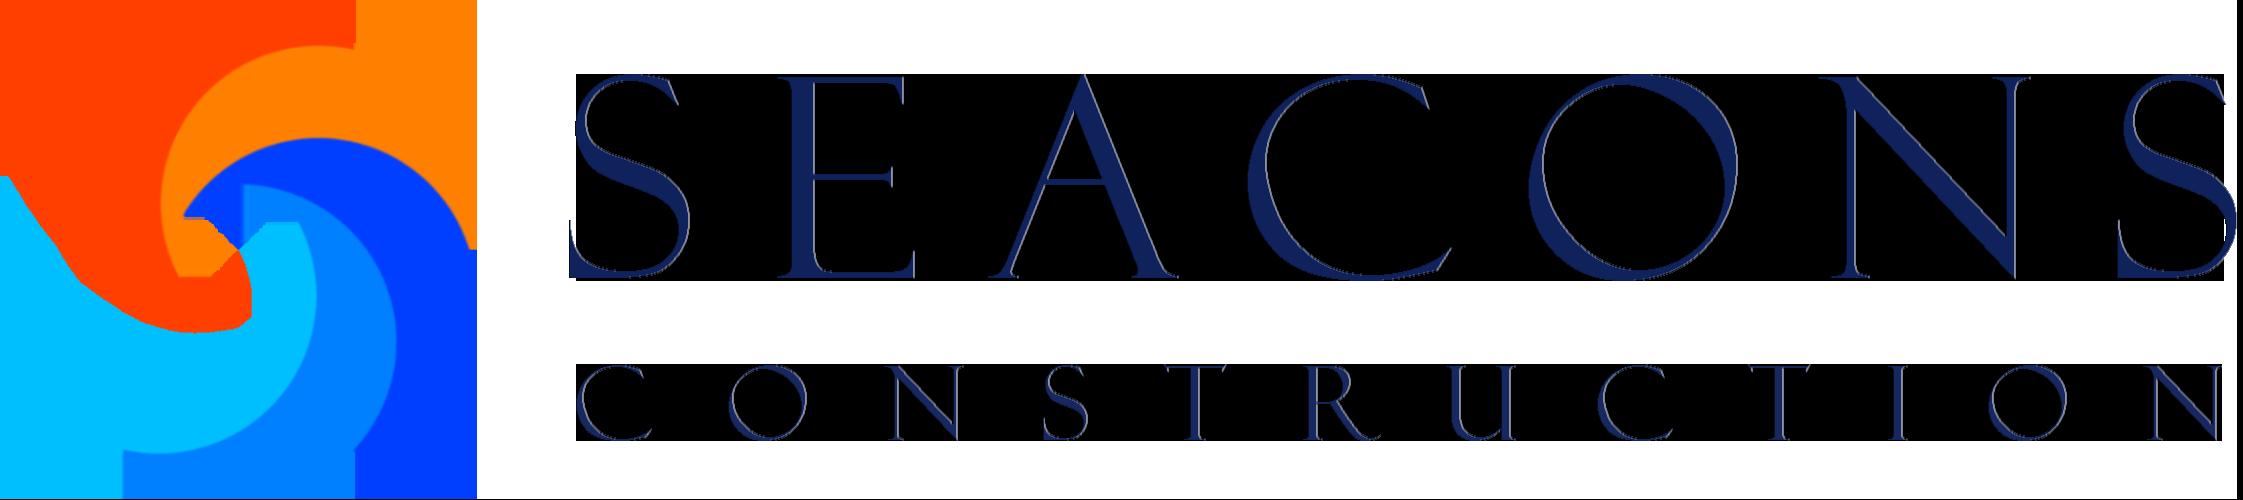 Seacons.vn - Thi công, sửa chữa văn phòng, chung cư, cửa hàng TP. HCM